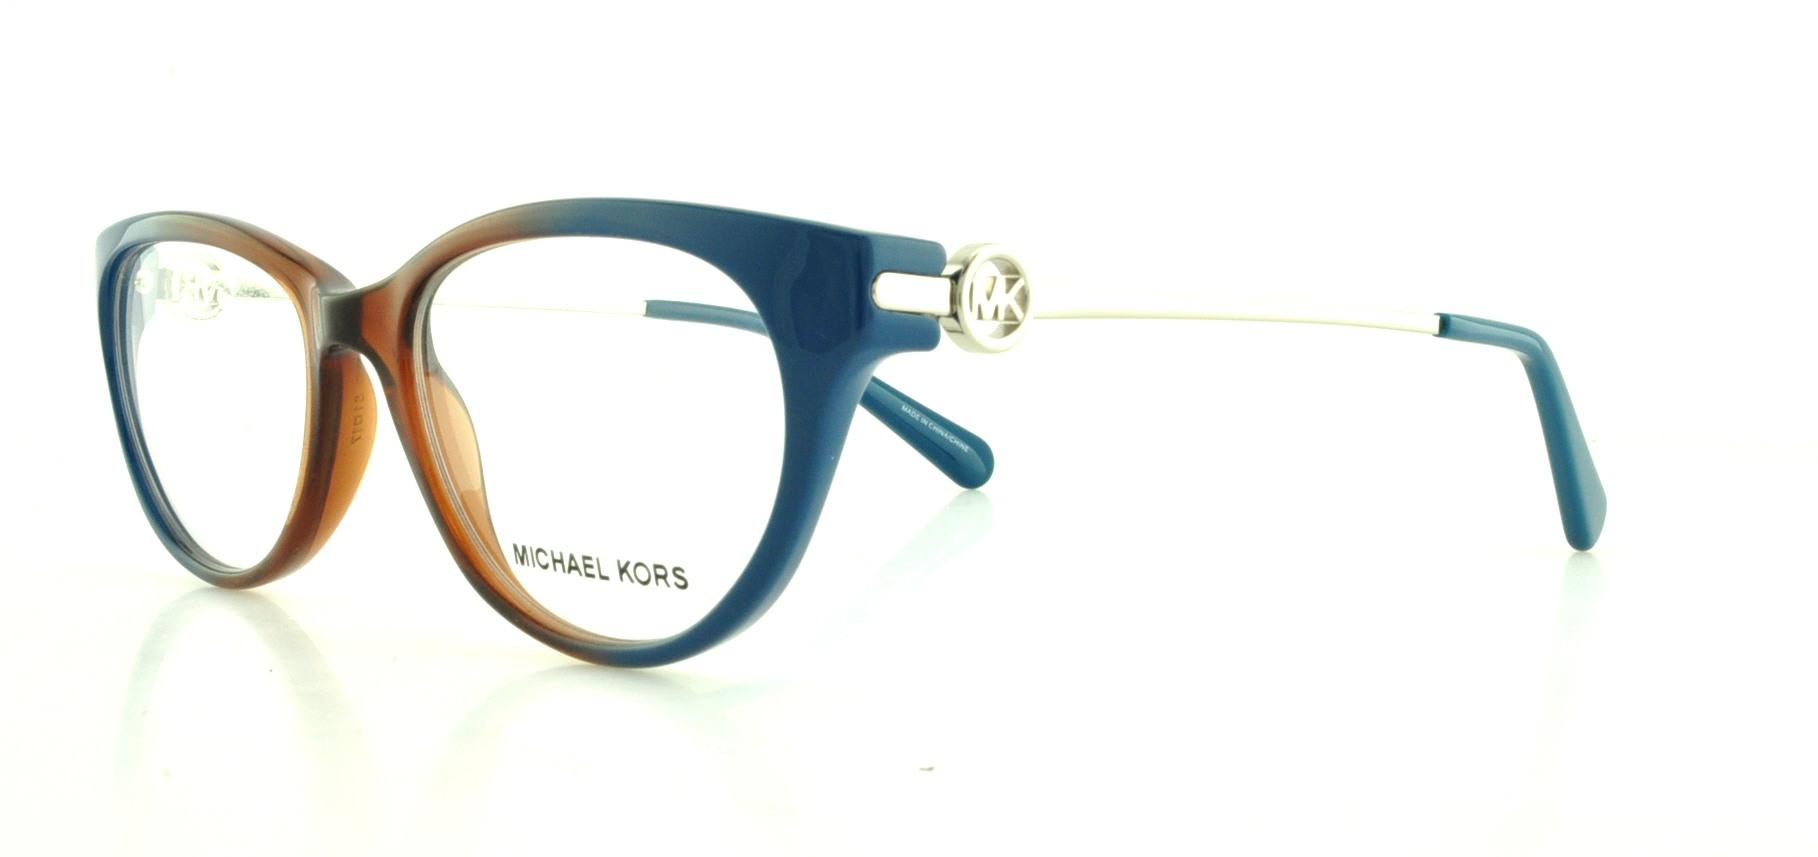 0a6732884f Designer Frames Outlet. Michael Kors MK8003 Courmayeur